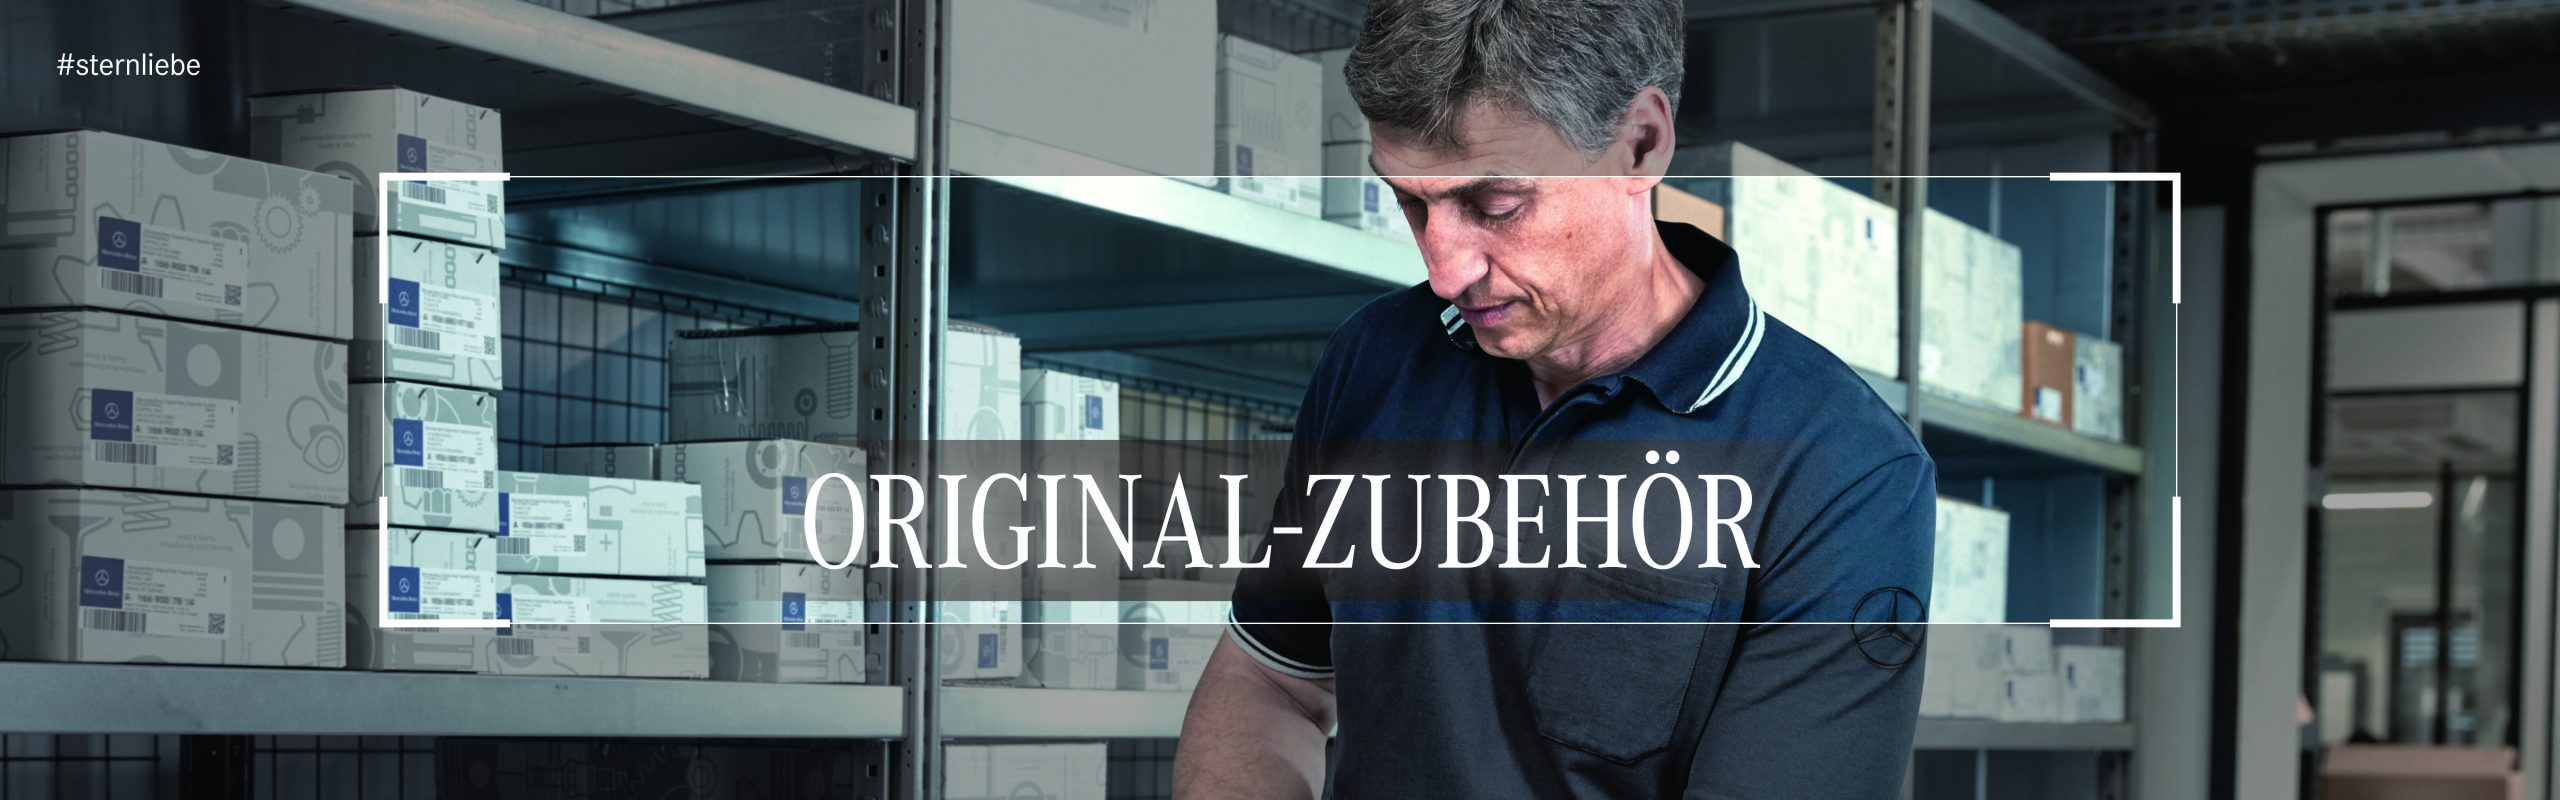 Mercedes-Brinkmann-Mercedes-Autohaus-Benz-Teile-&-Zubehör-Zubehörteile-Original-Zubehöhr-Header